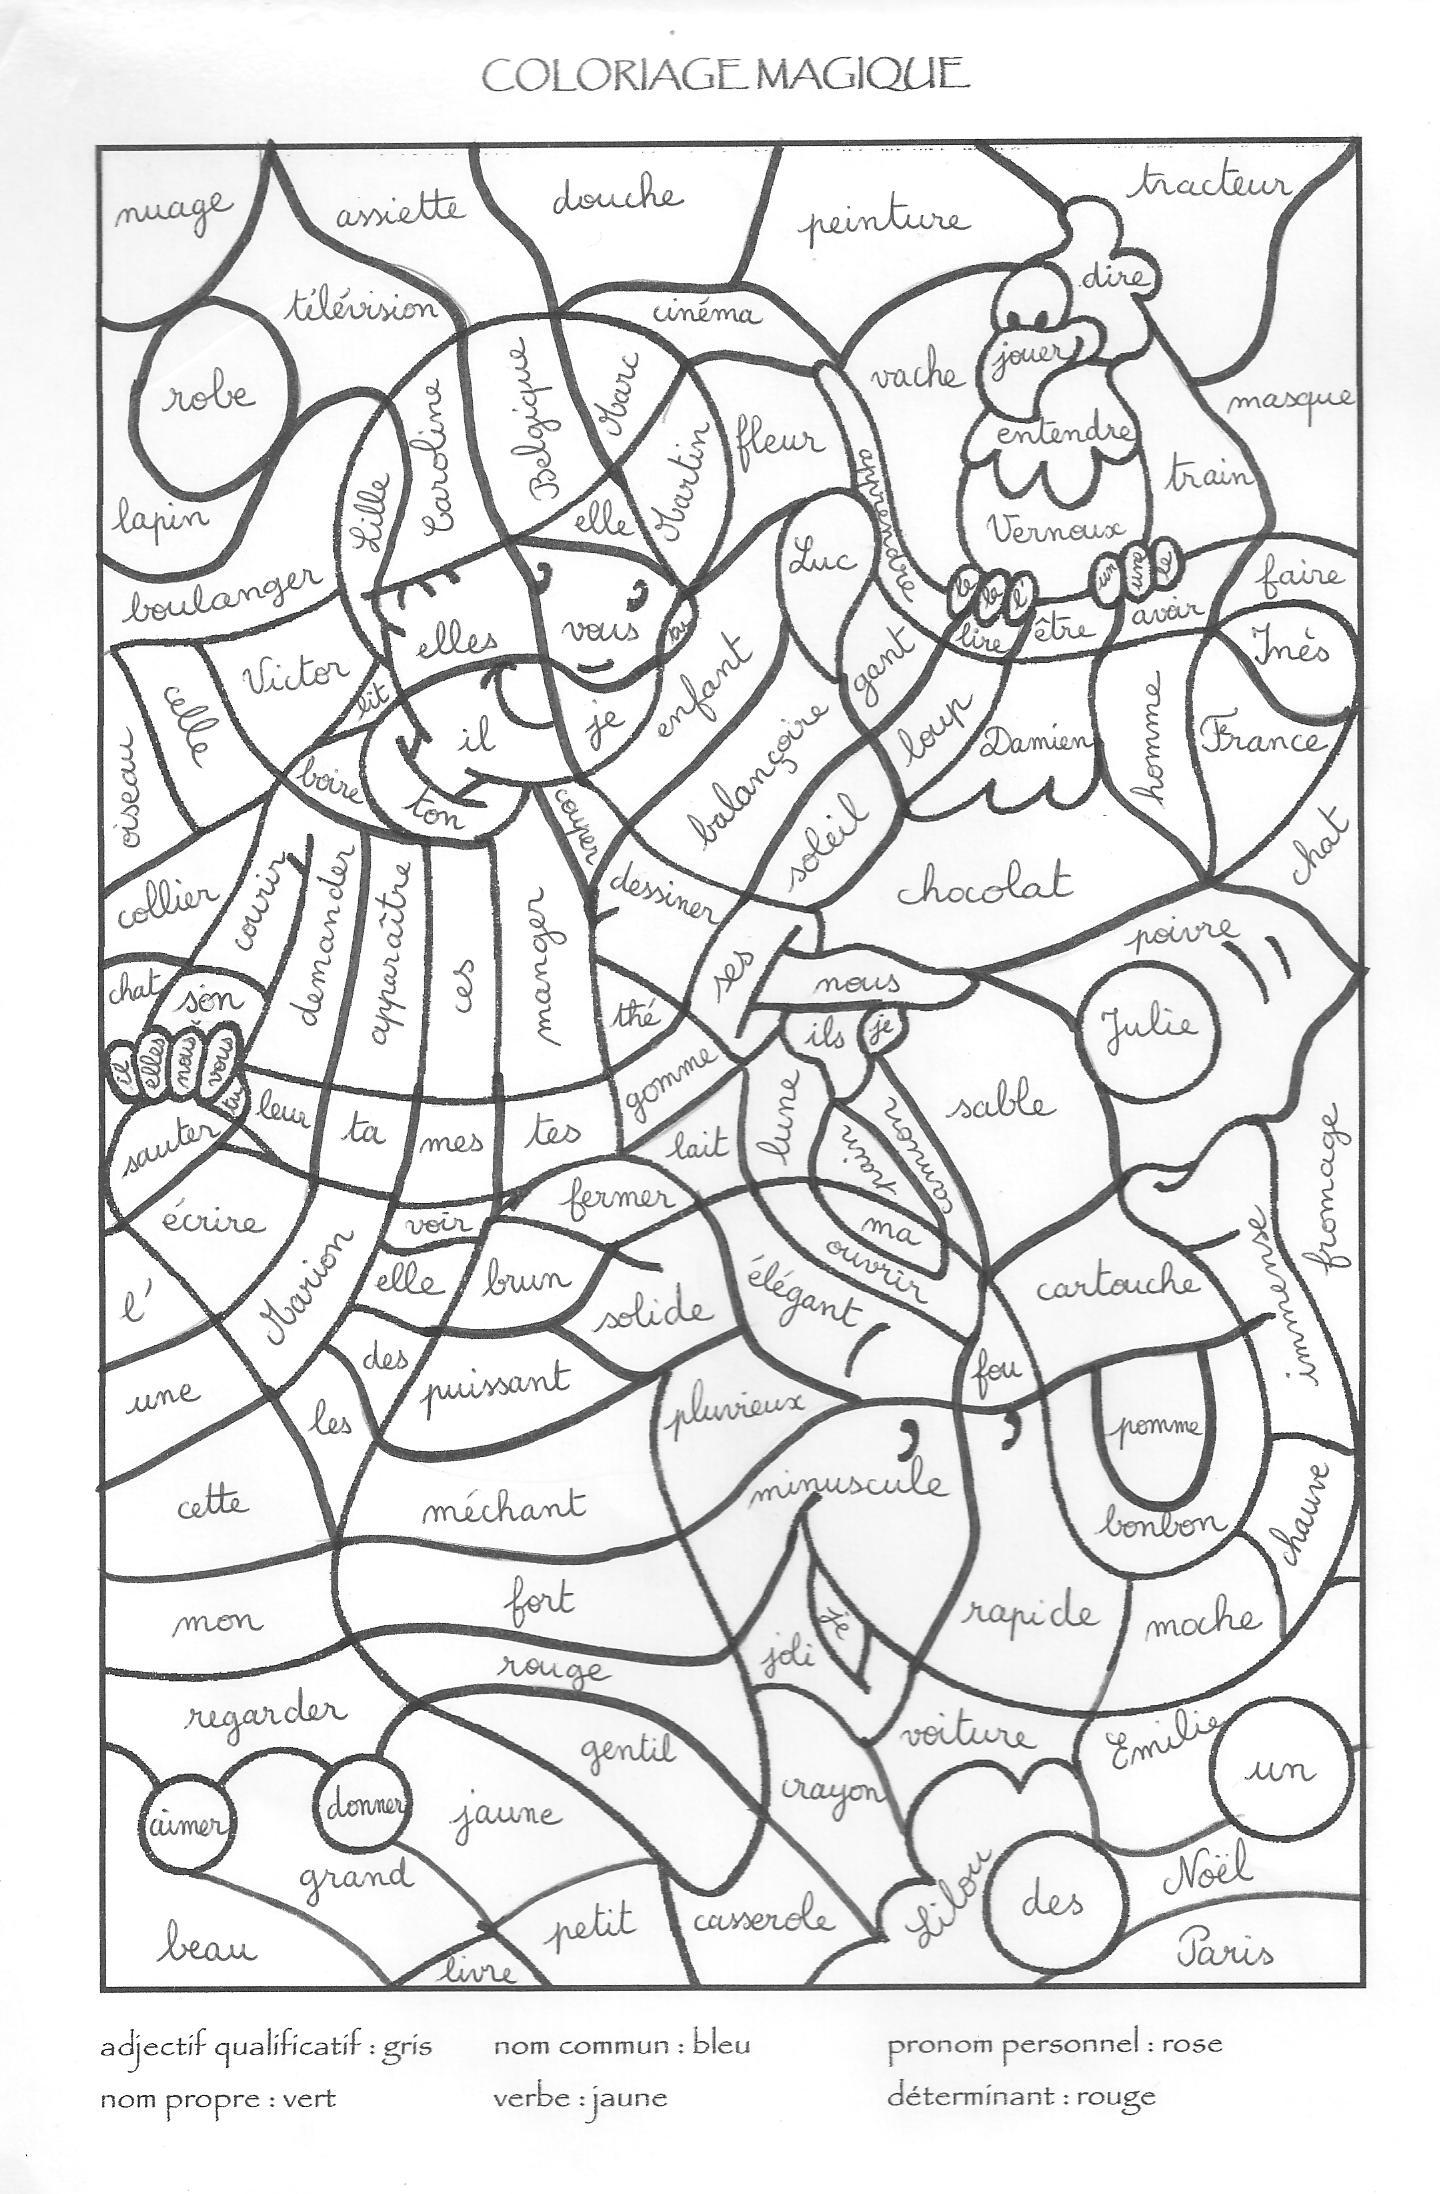 17 dessins de coloriage boulangerie maternelle imprimer. Black Bedroom Furniture Sets. Home Design Ideas